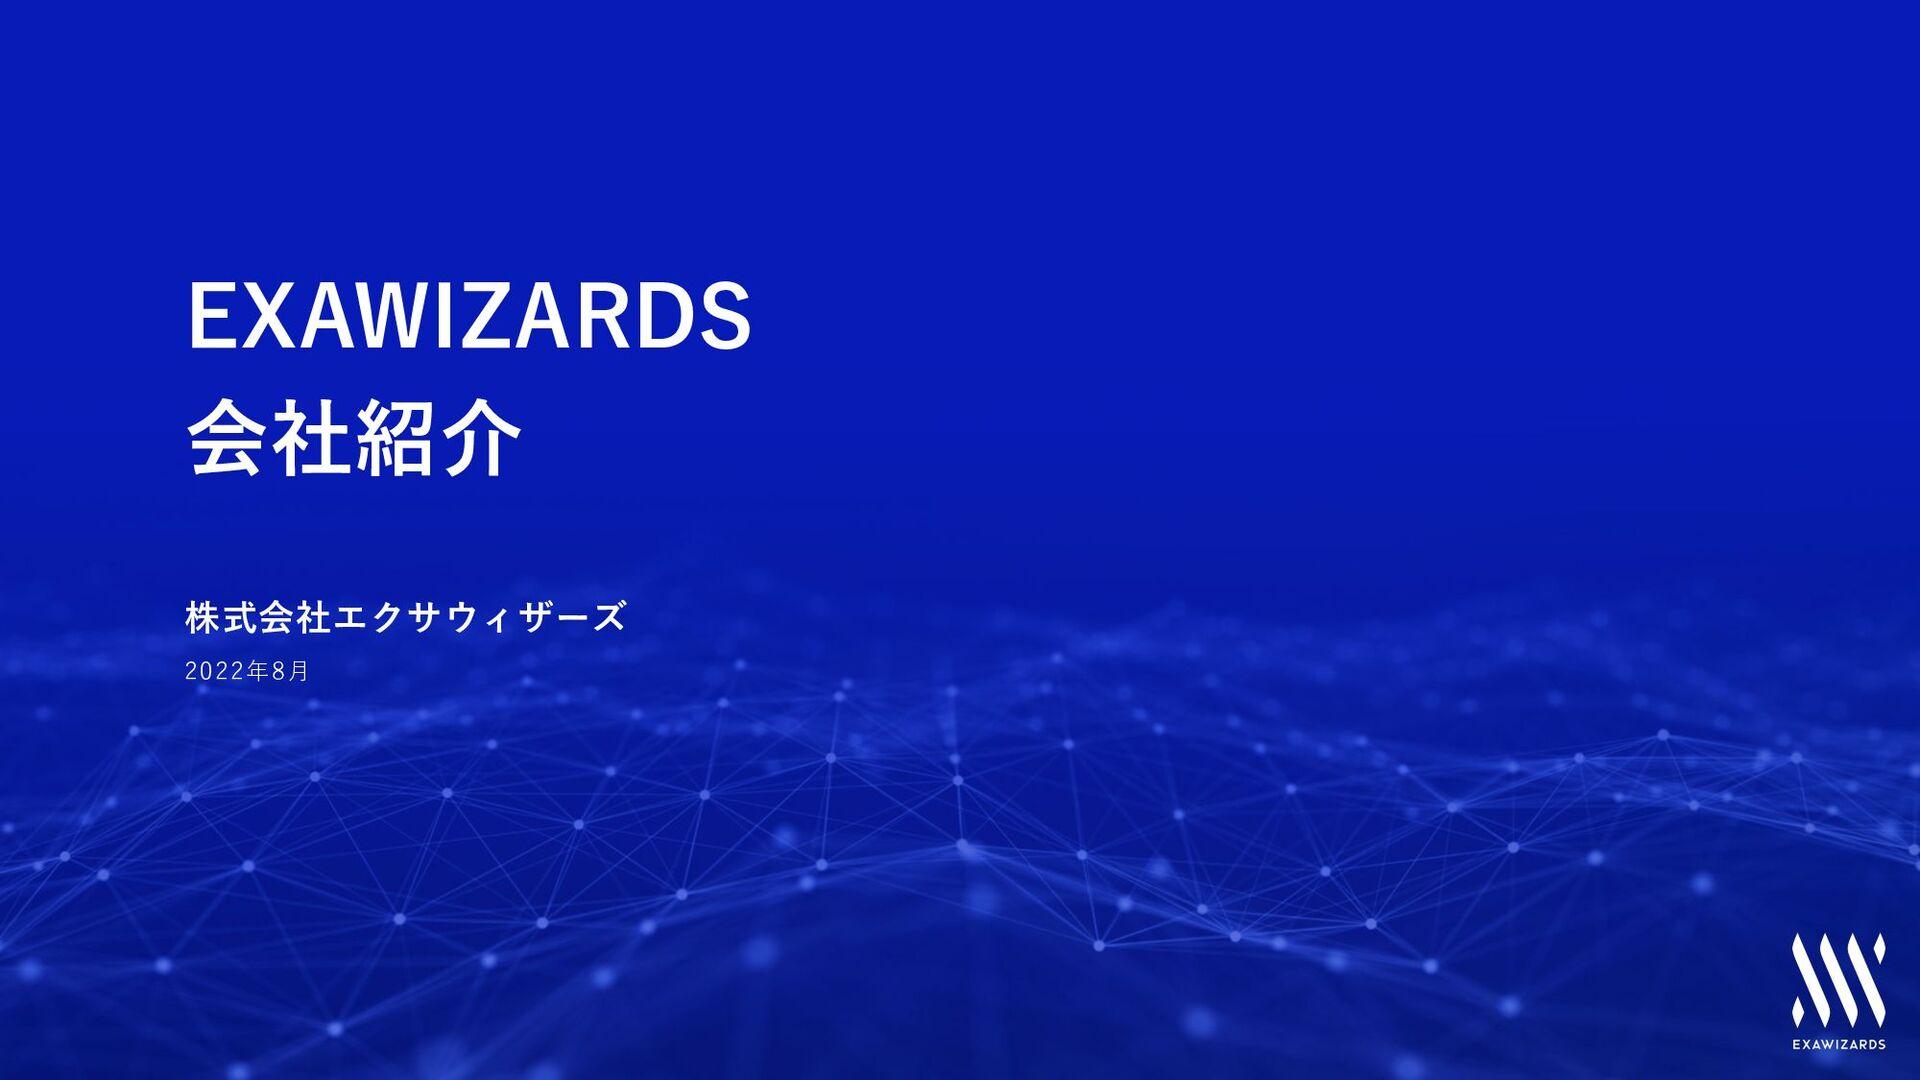 EXAWIZARDS 会社案内 2020.05